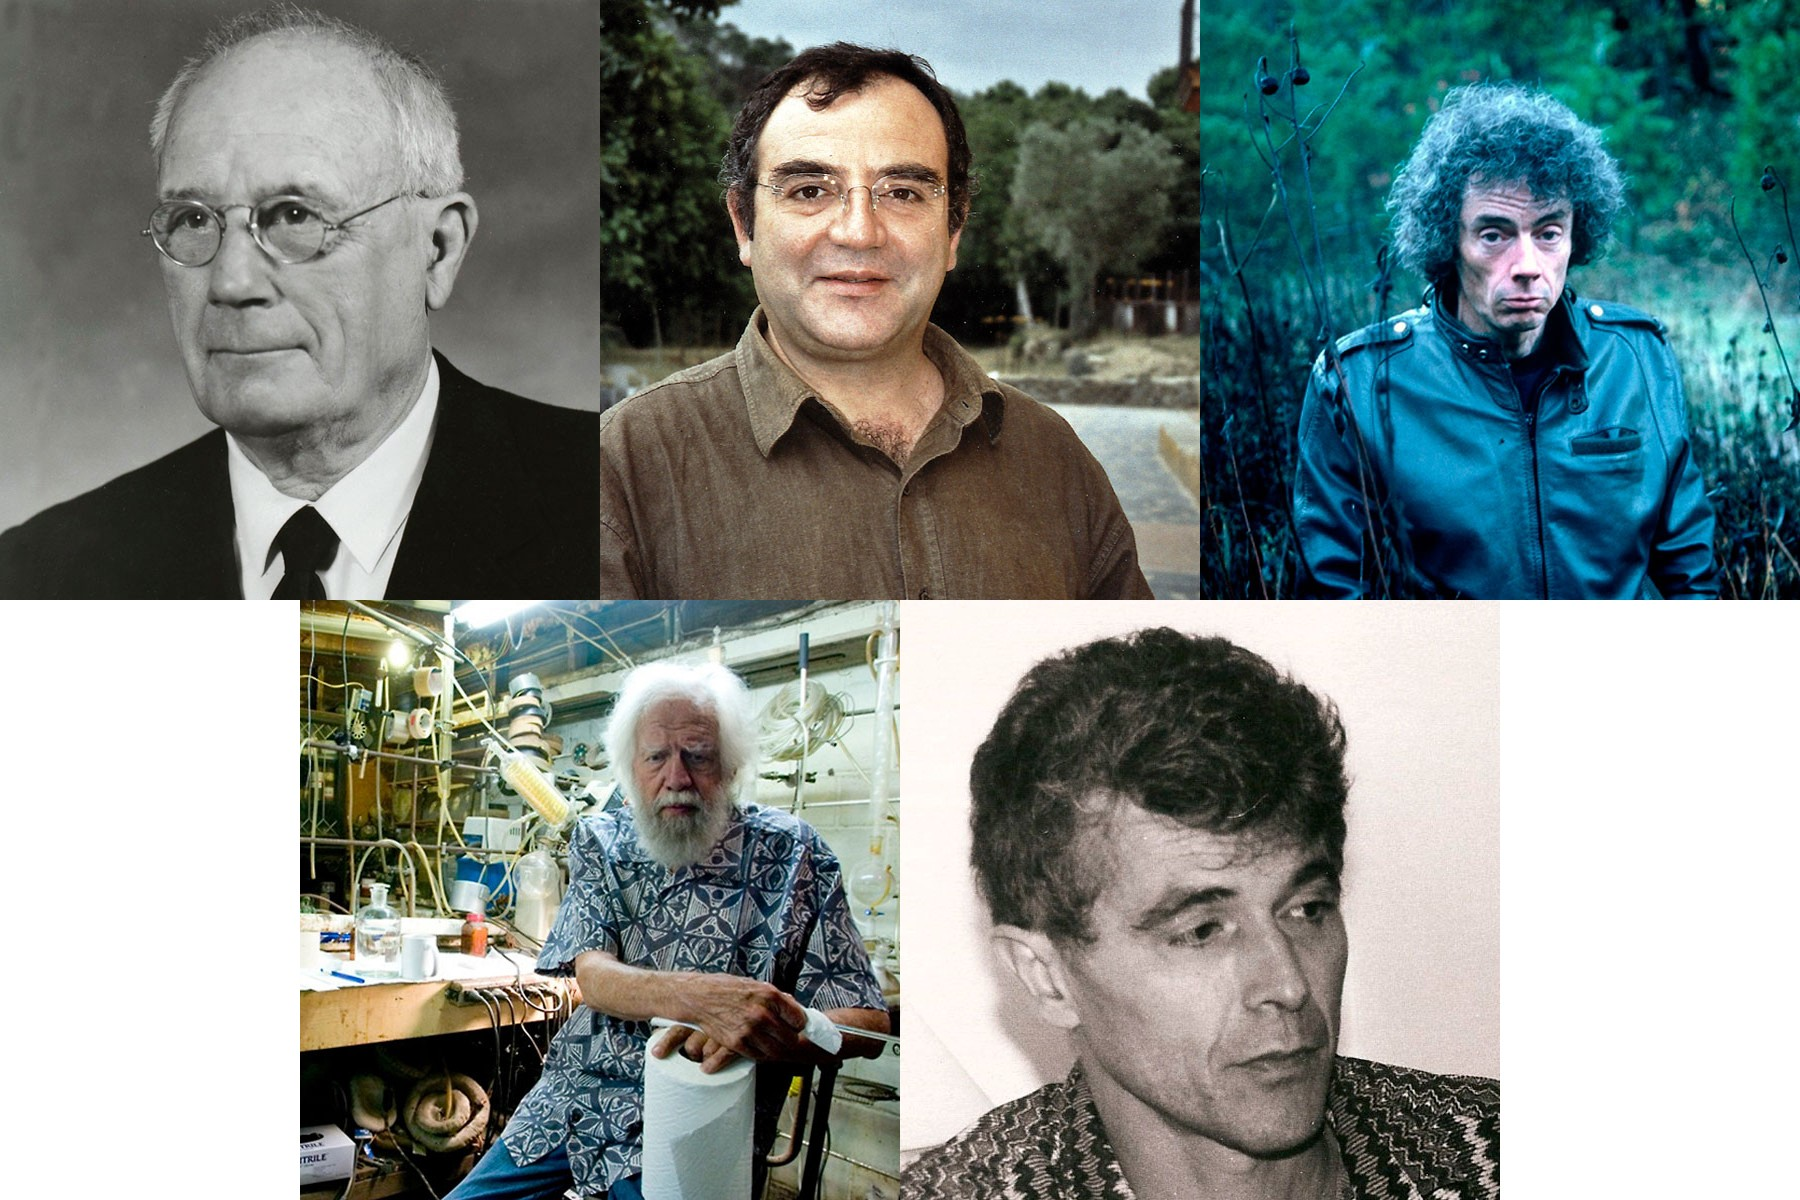 Evans, R., Fericgla, J M, Ott, J, Shulgin, A, Samorini, G